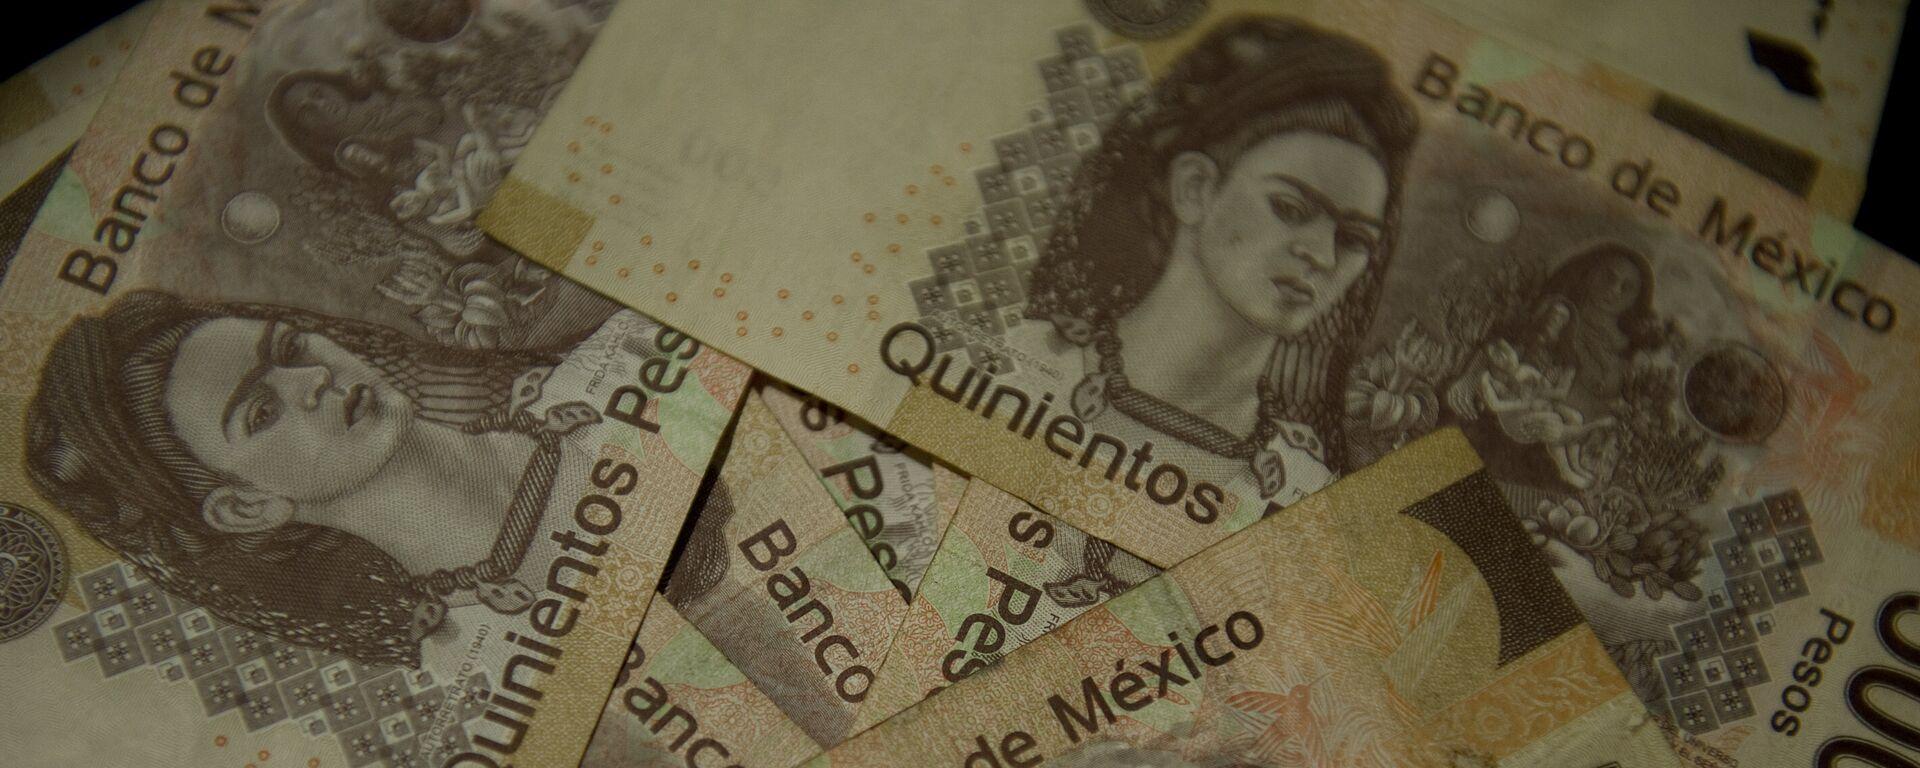 Pesos mexicanos (imagen referencial) - Sputnik Mundo, 1920, 09.11.2020